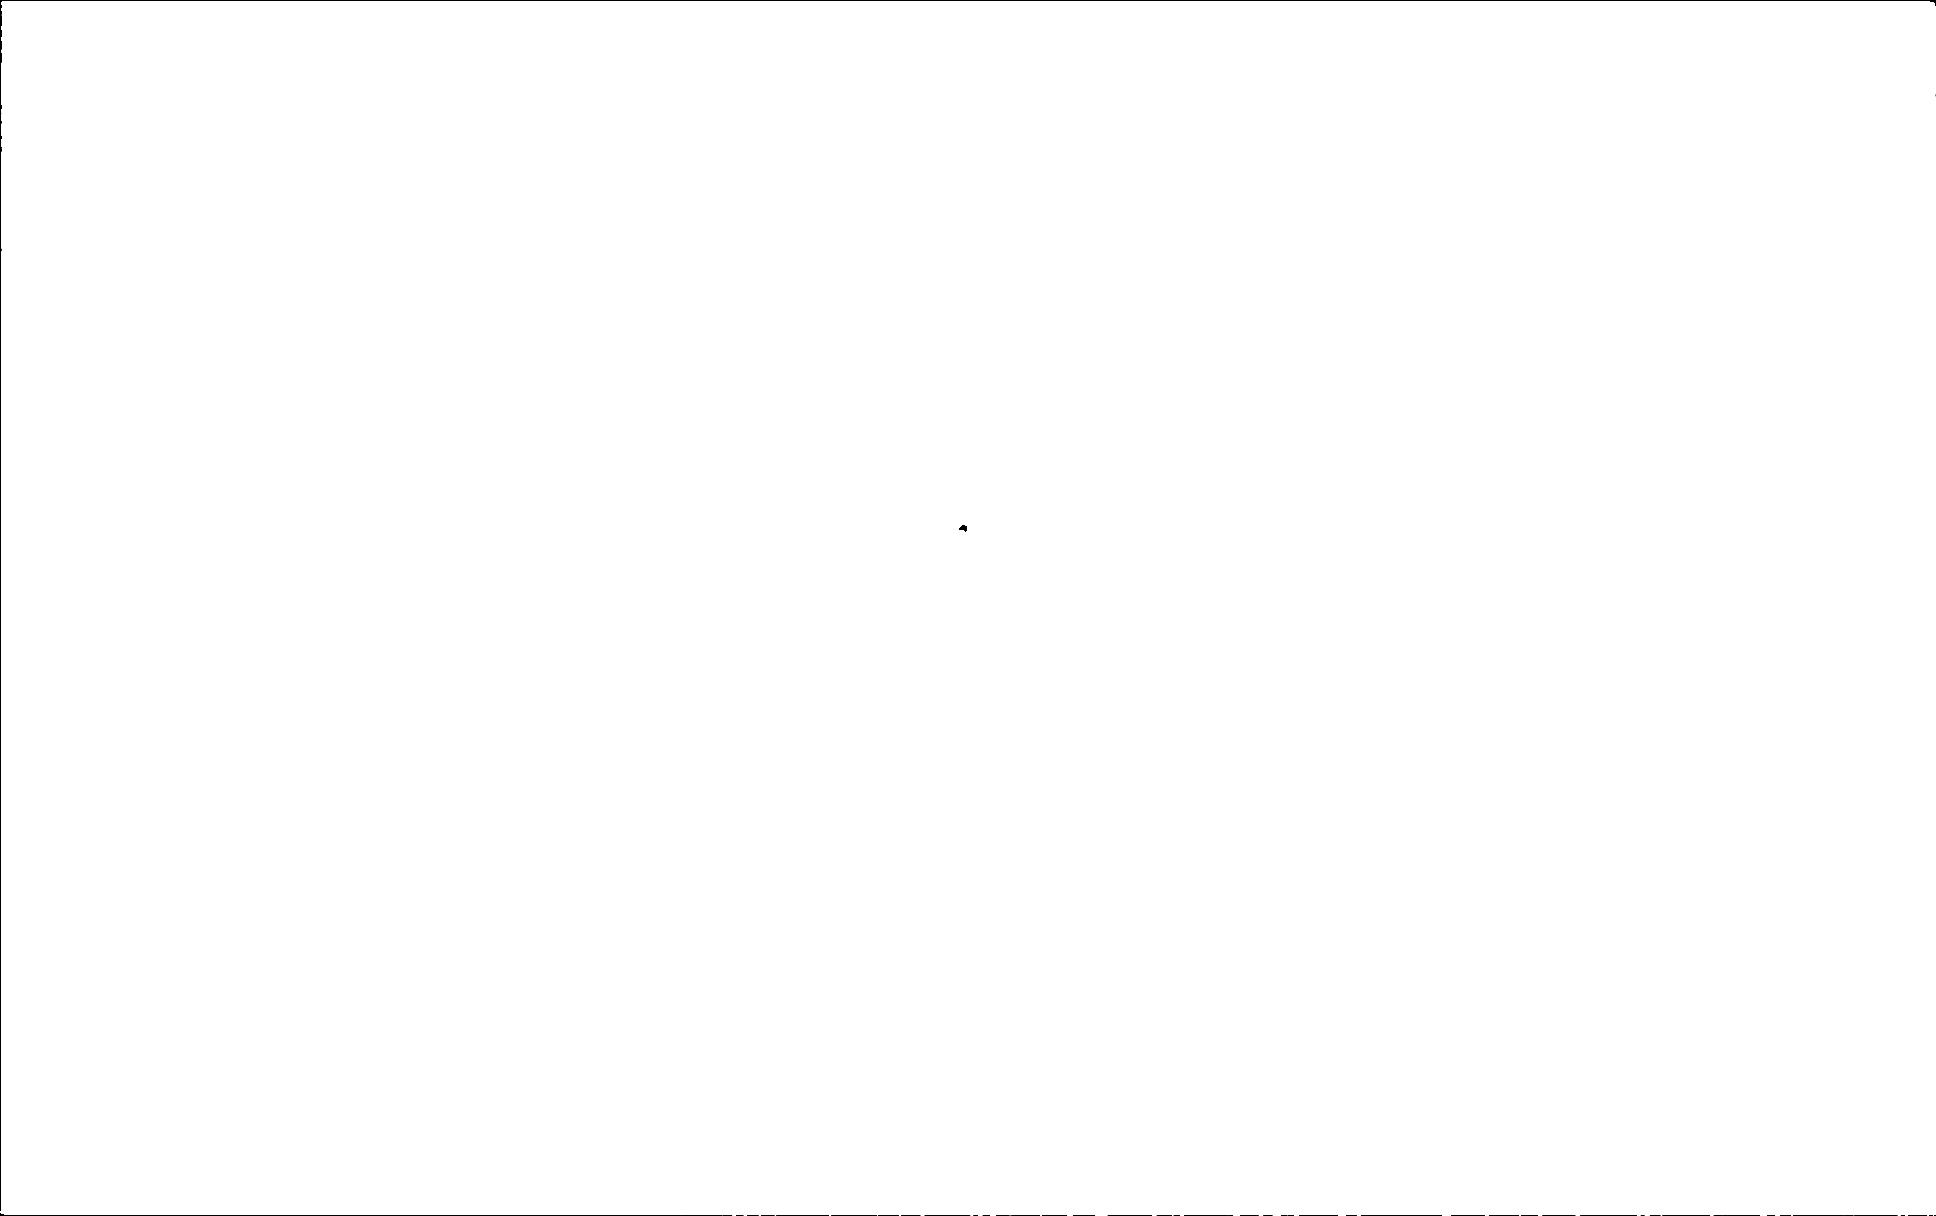 2020 10 24 1511 Nouvelle zone active